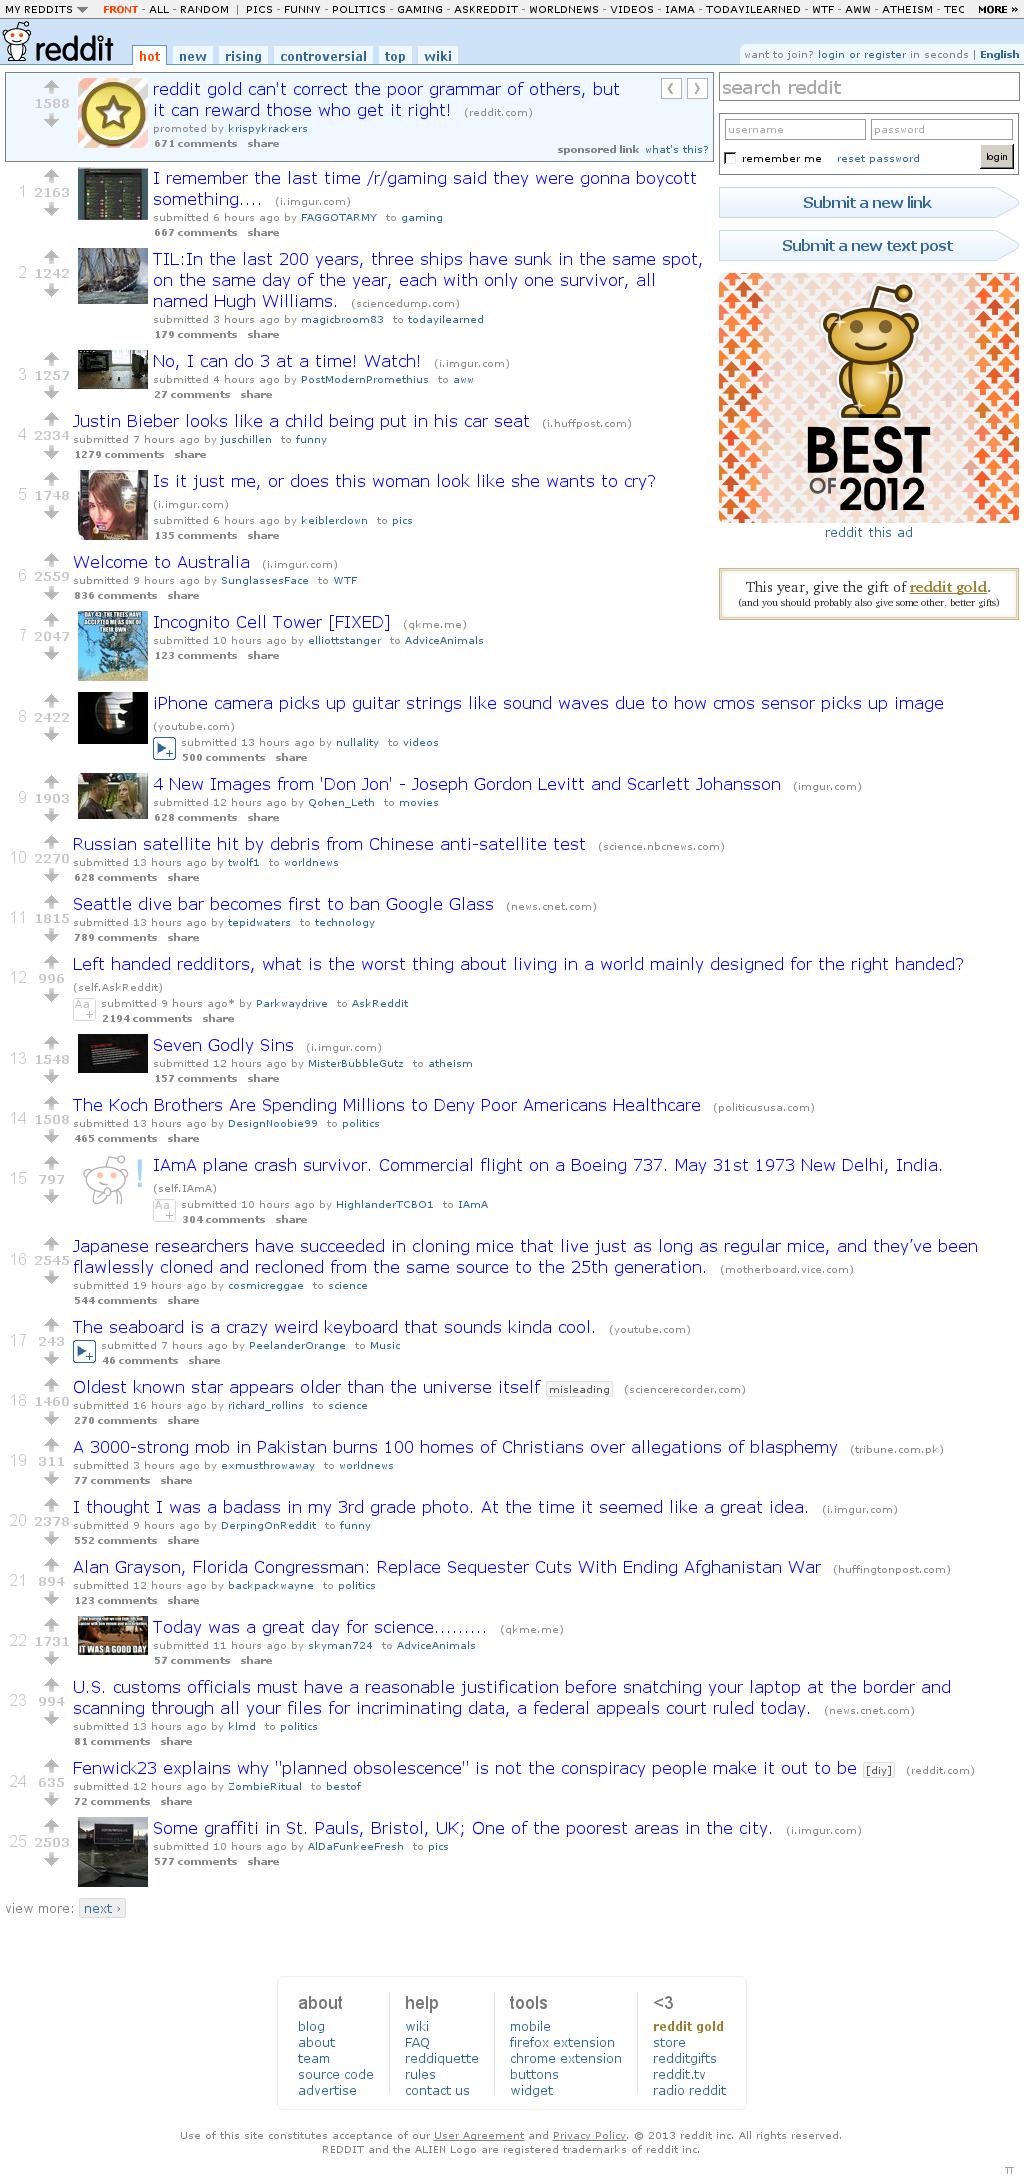 Reddit at Saturday March 9, 2013, 2:17 p.m. UTC